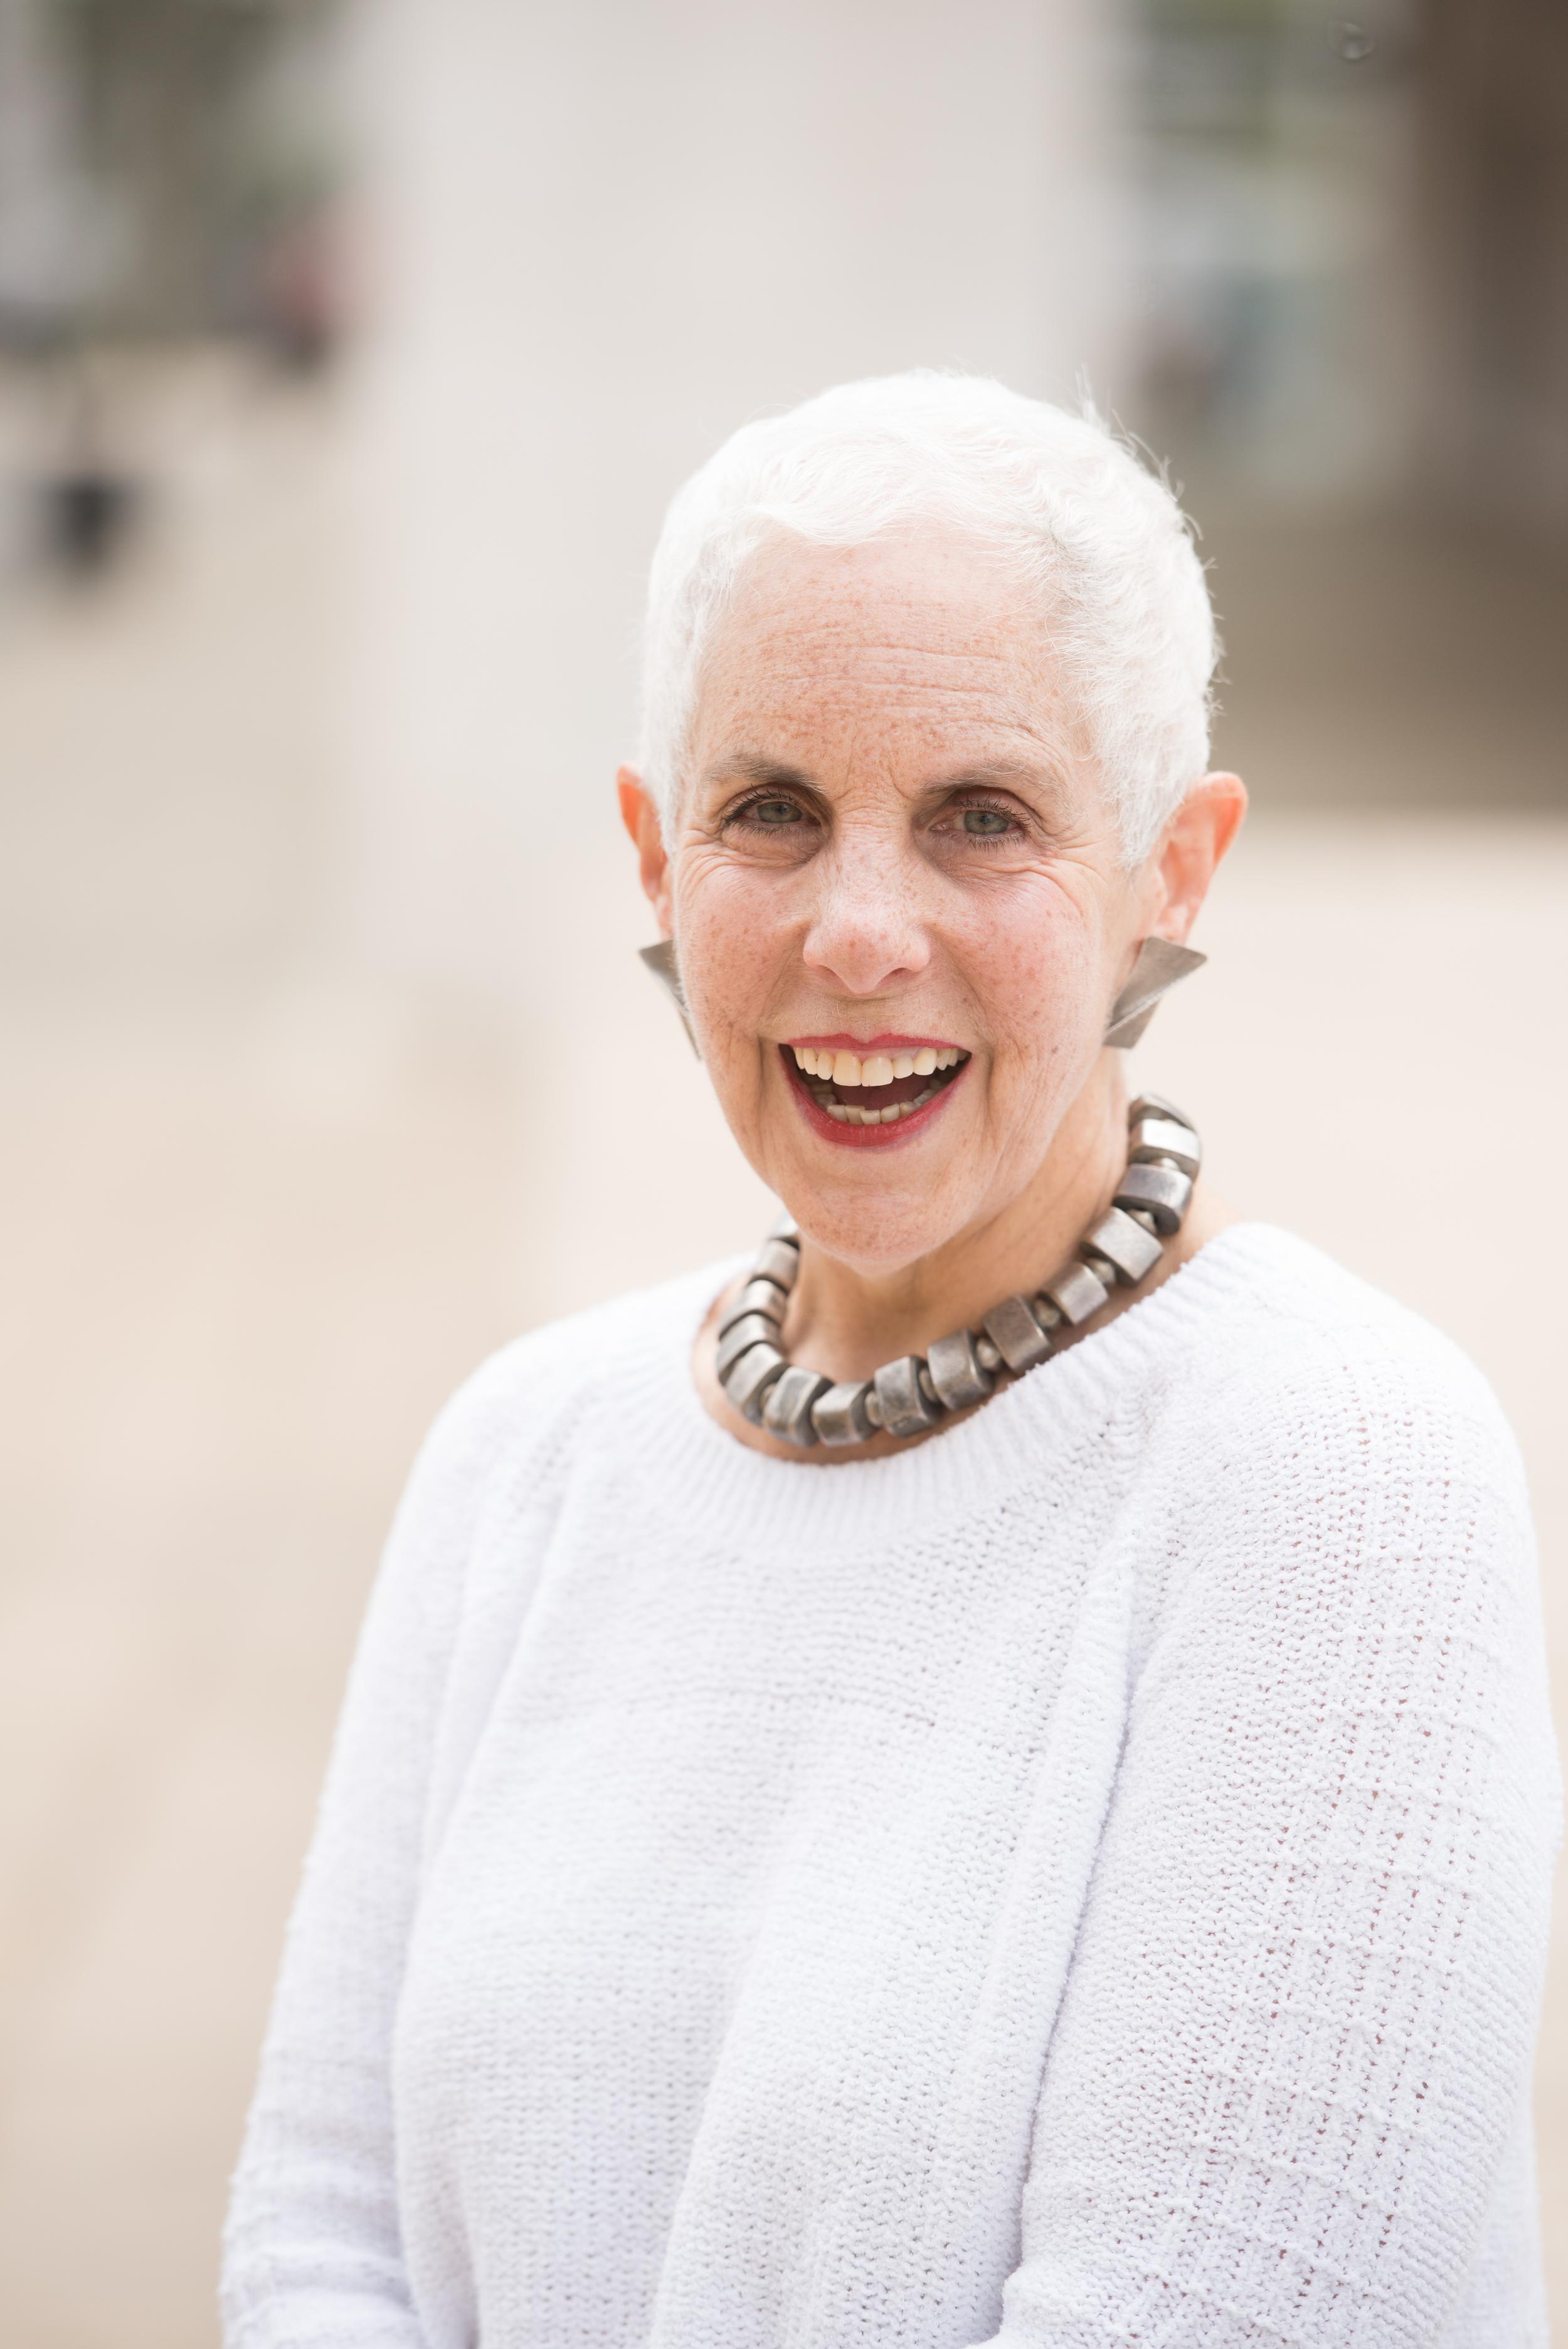 Susan Freeman, Photographer